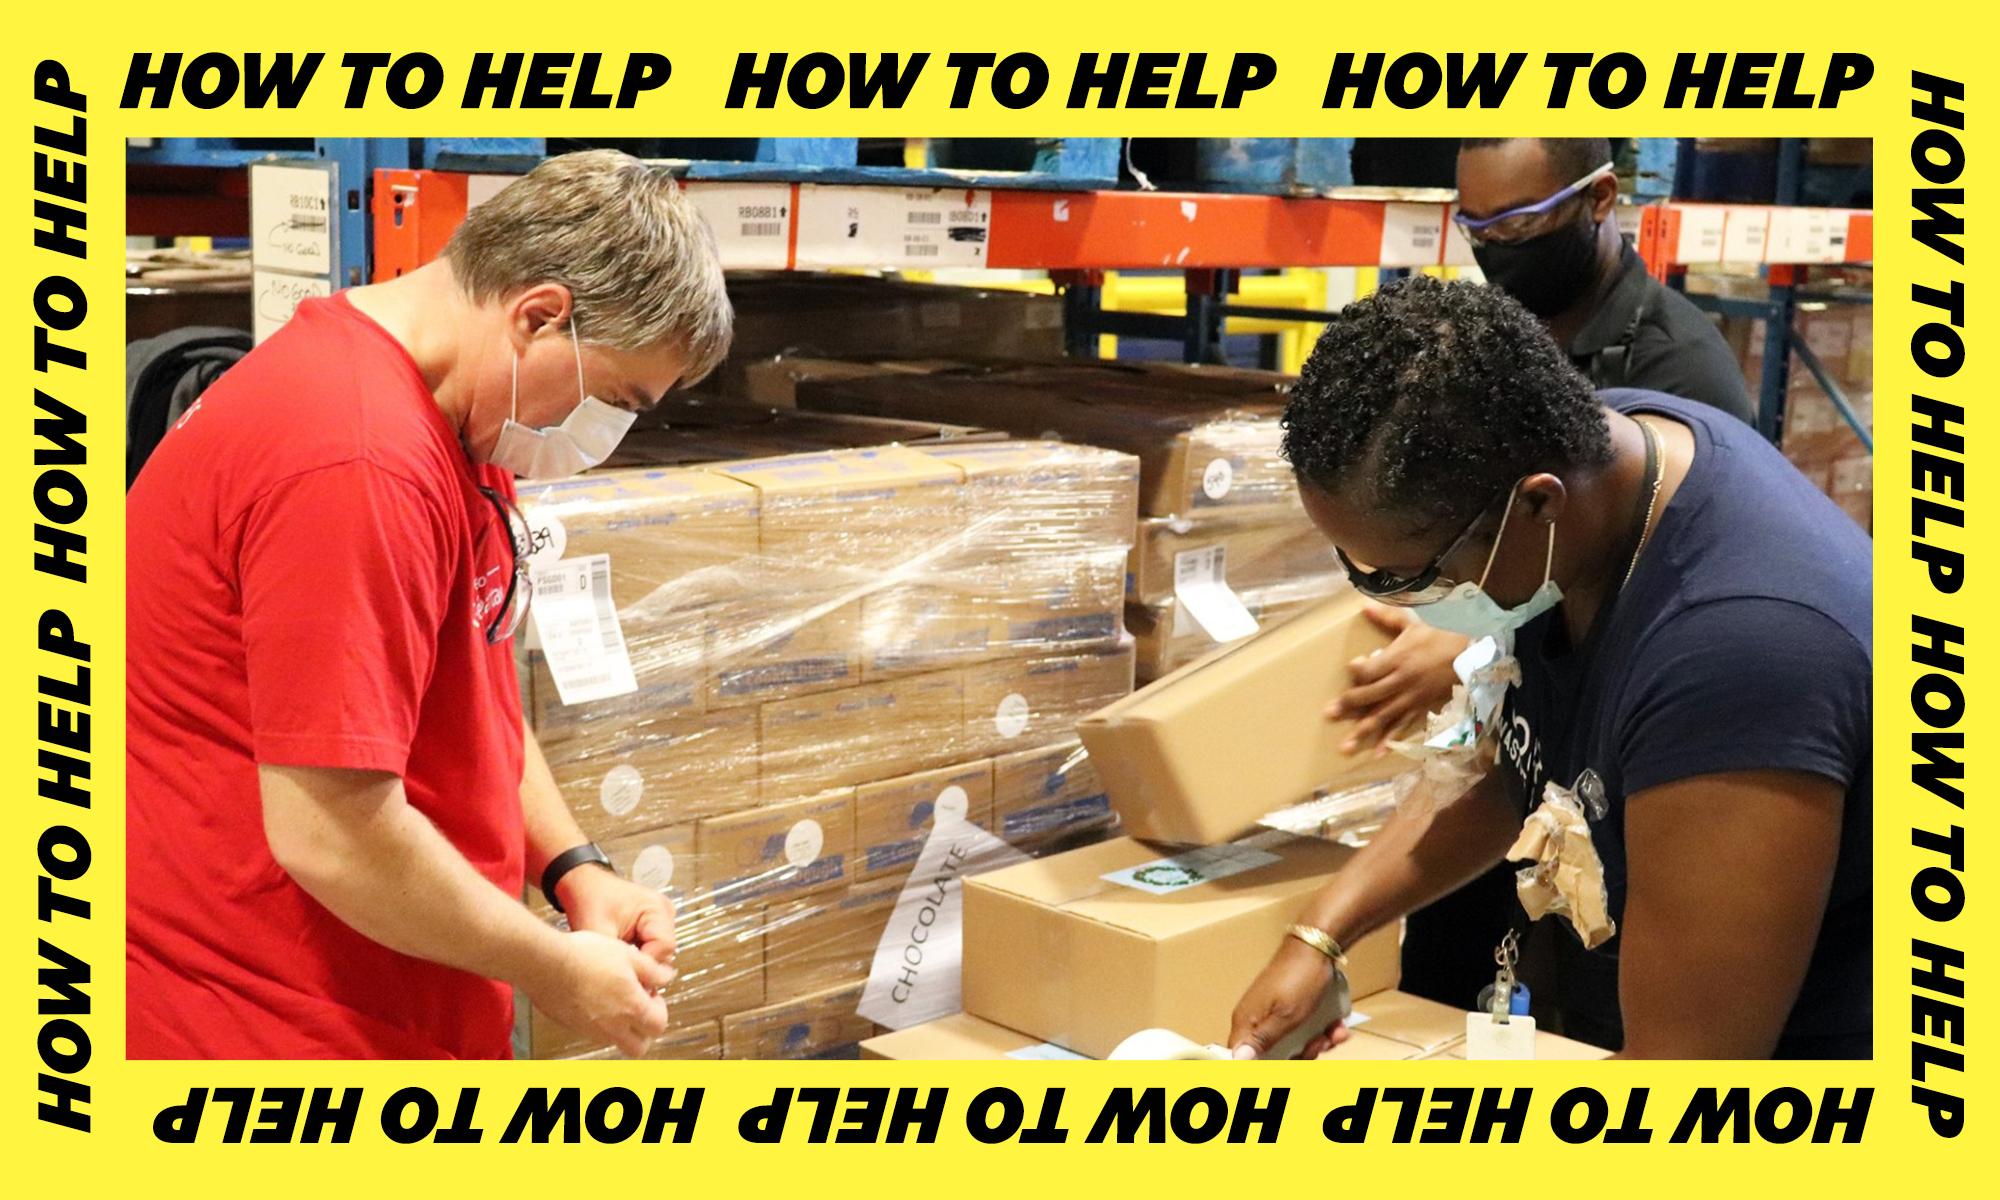 志愿者处理盒子